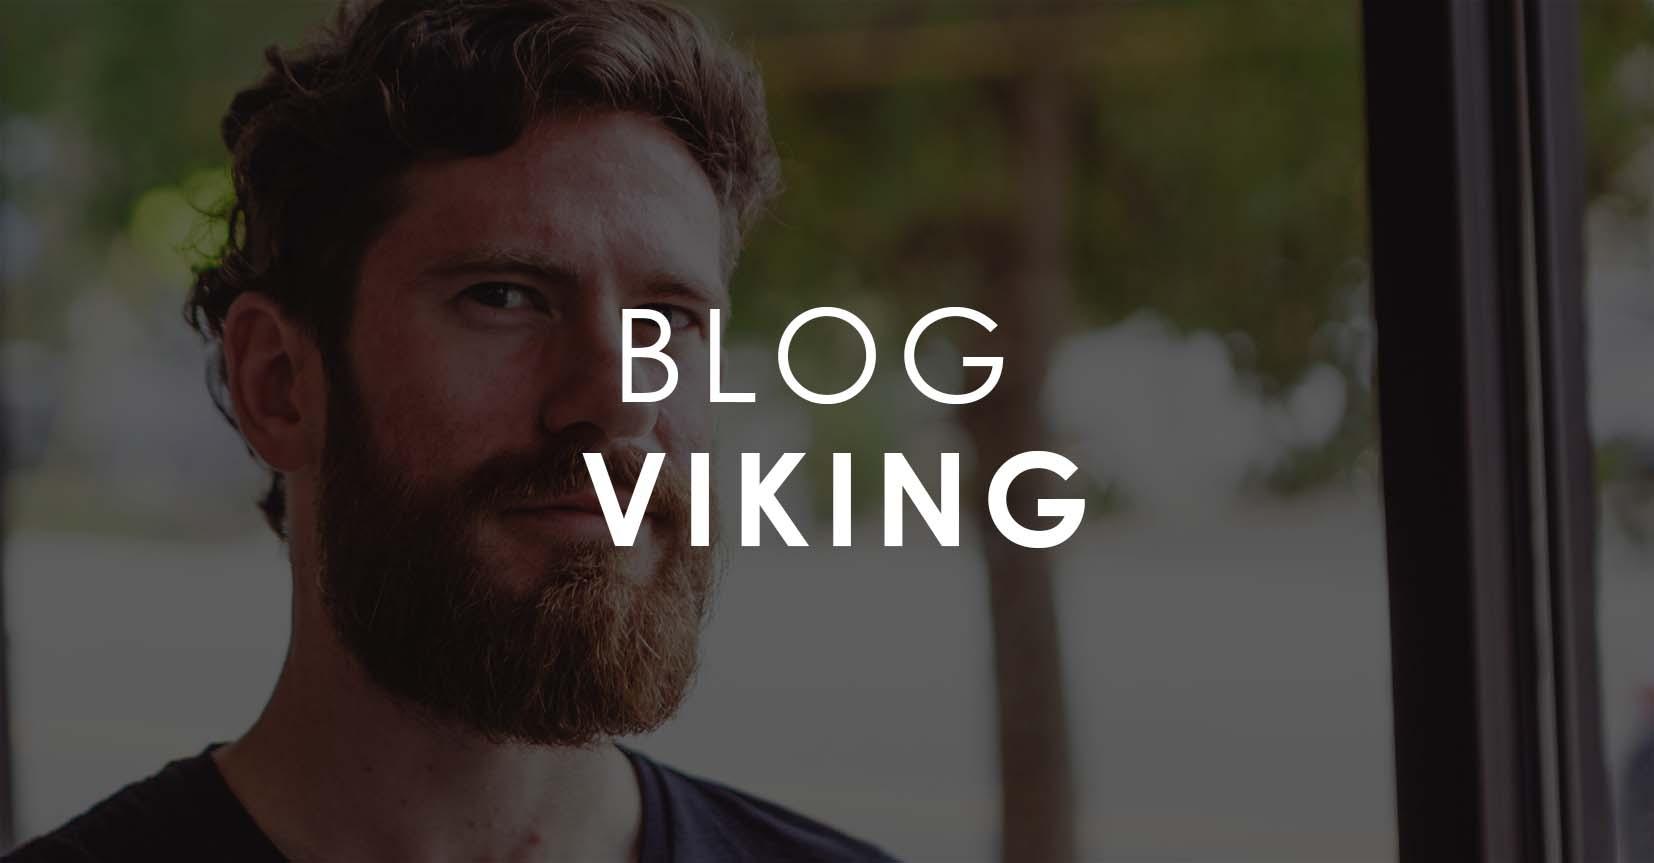 Blog Viking